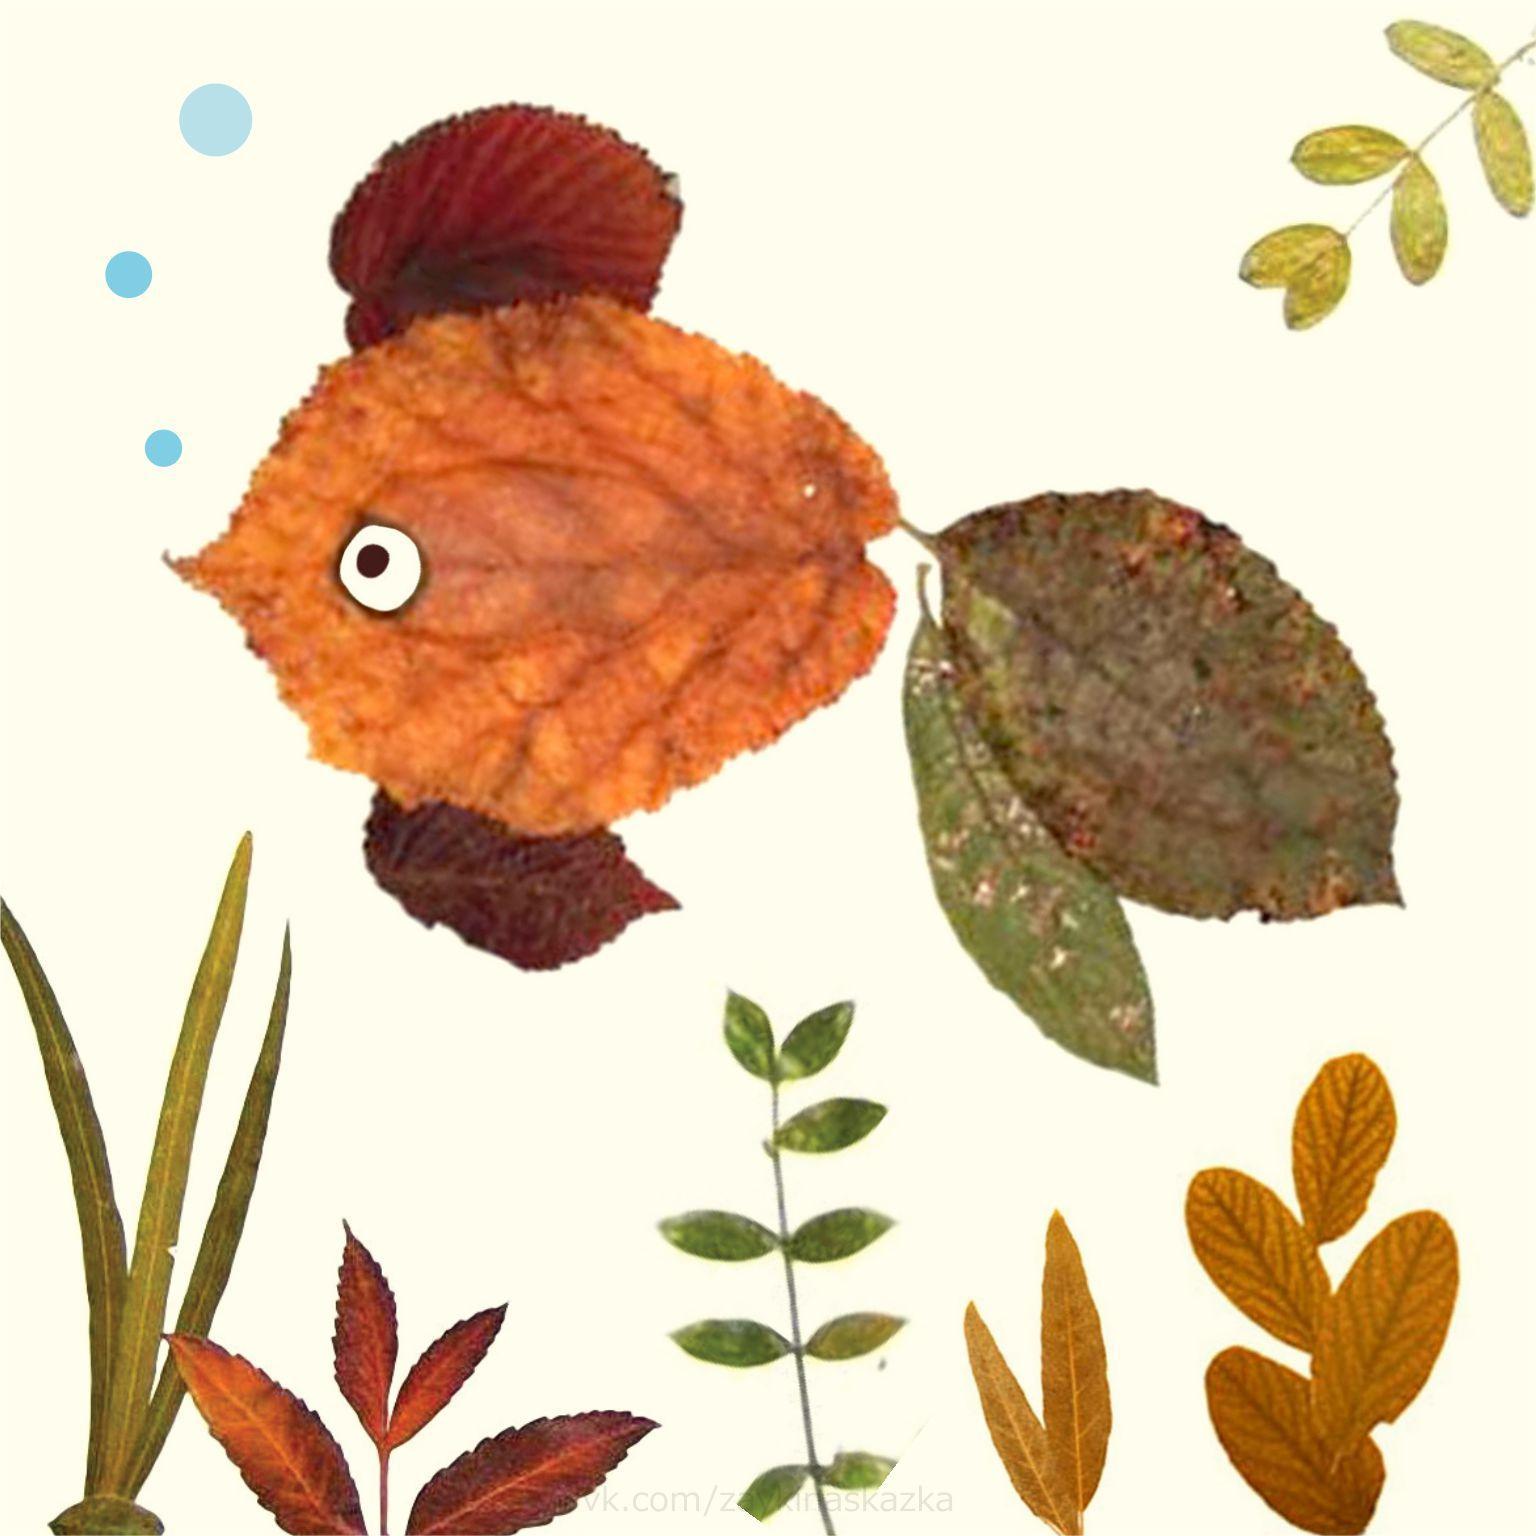 Картинки композиции из сухих листьев поэтапно